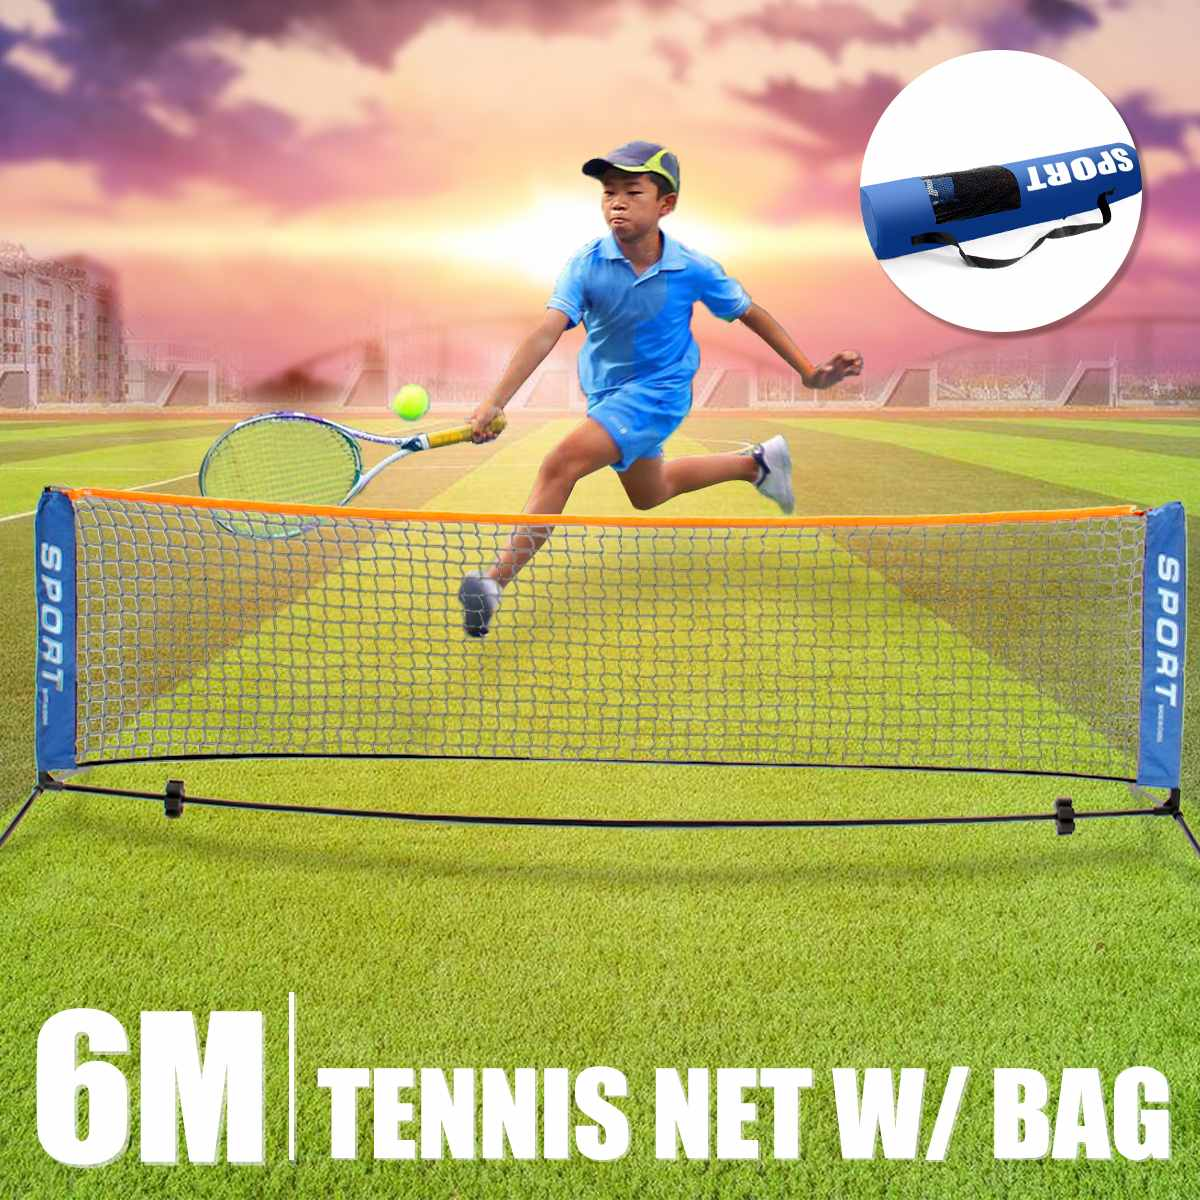 נייד טניס נטו 3/6 מטרים זמין חיצוני מקורה ספורט מתקפל מיני טניס נטו לילדים צינור פלדה + ברזל יצוק